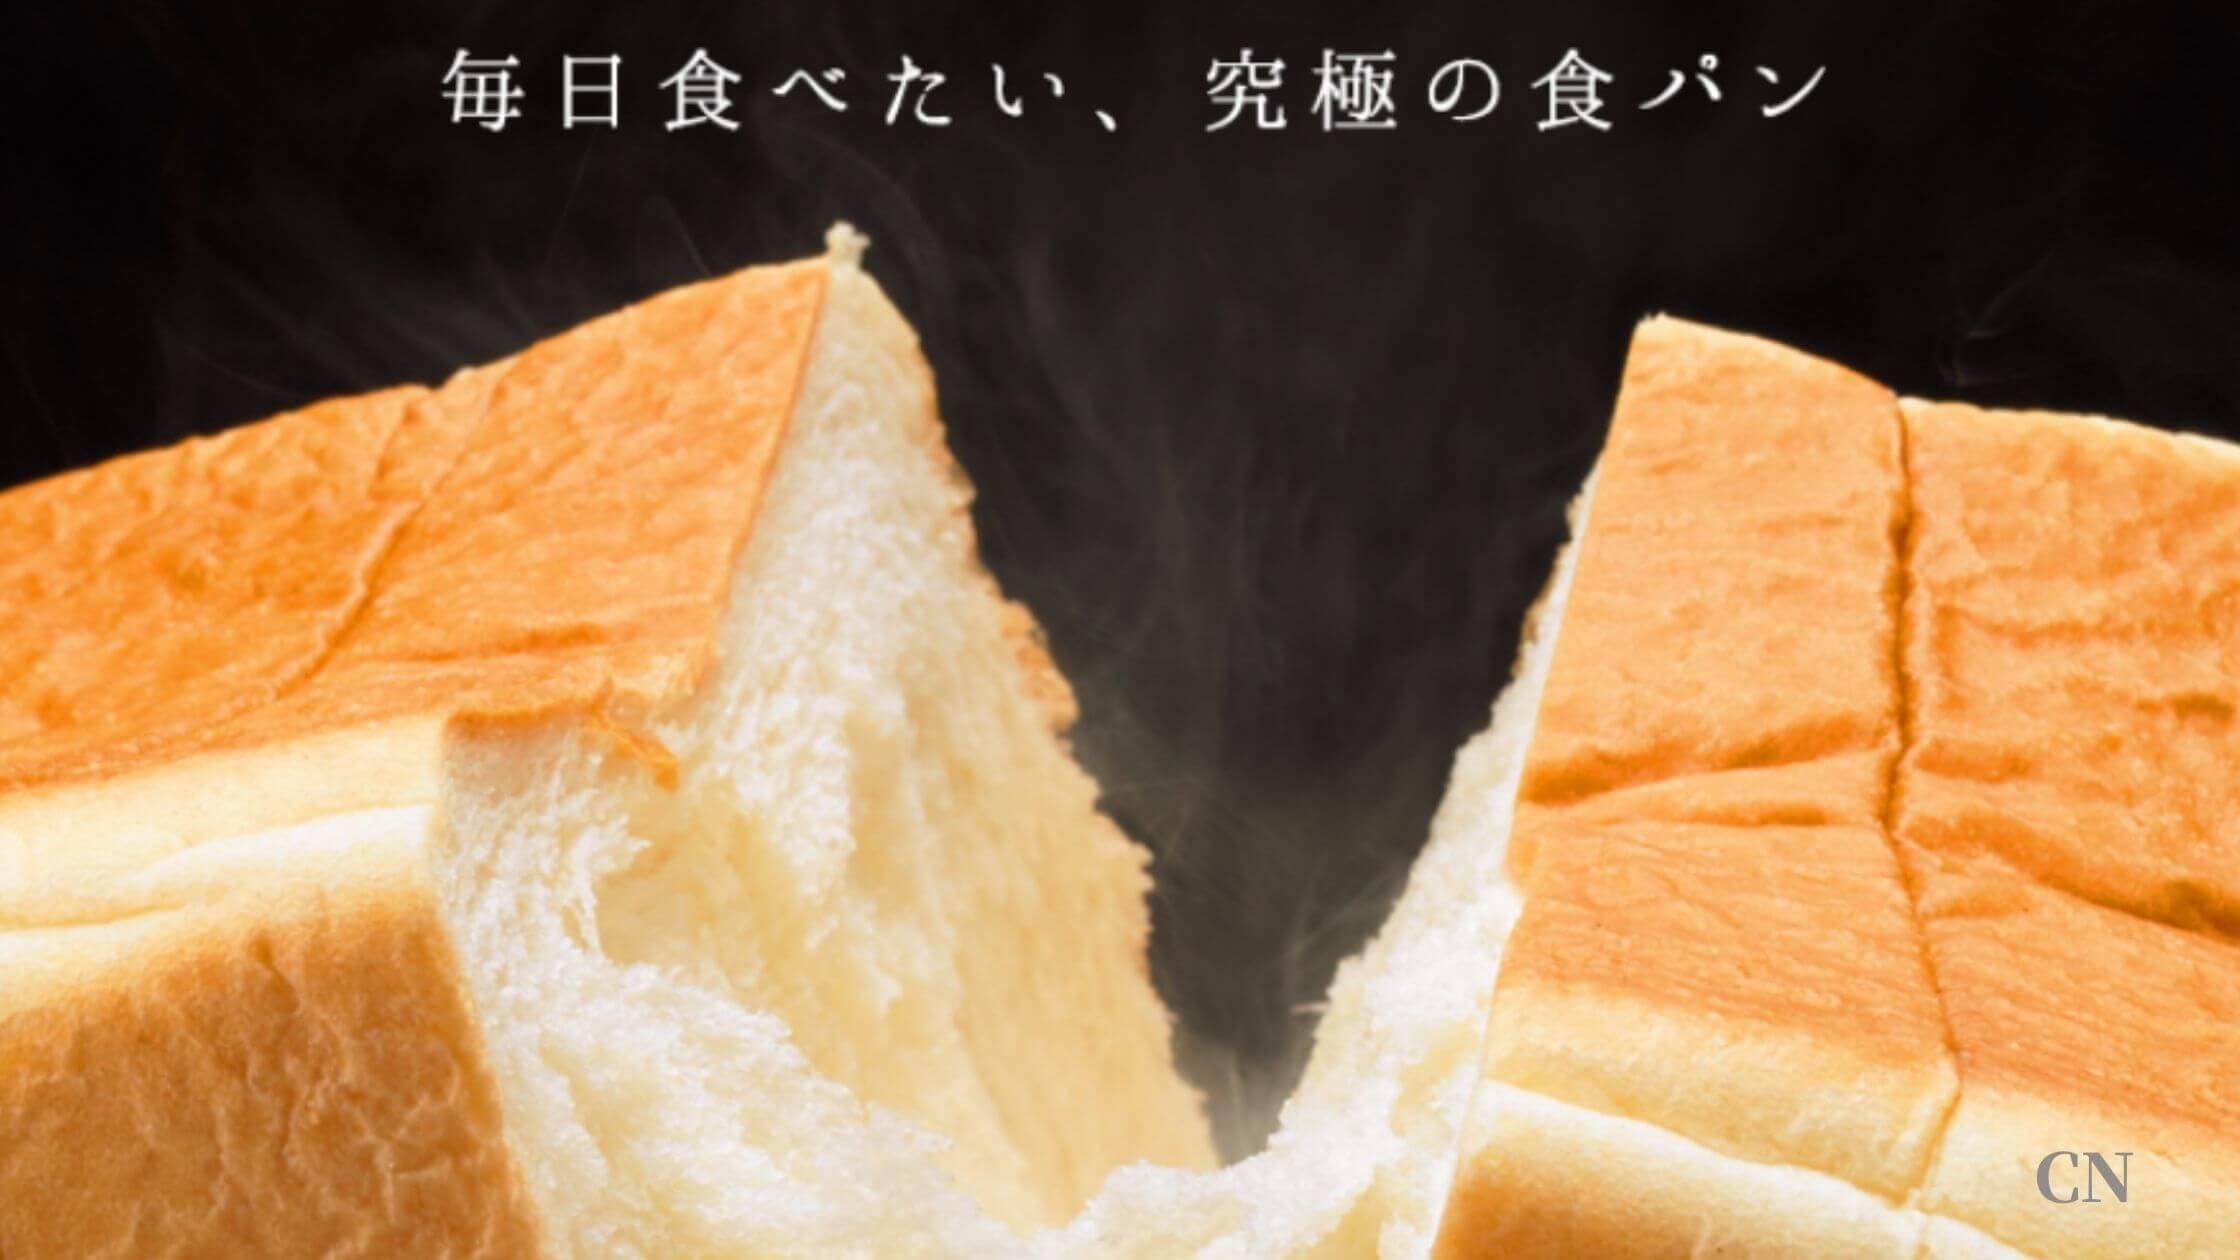 【口コミ】高匠の食パンは美味しくない?評判は?食べた感想をレビュー